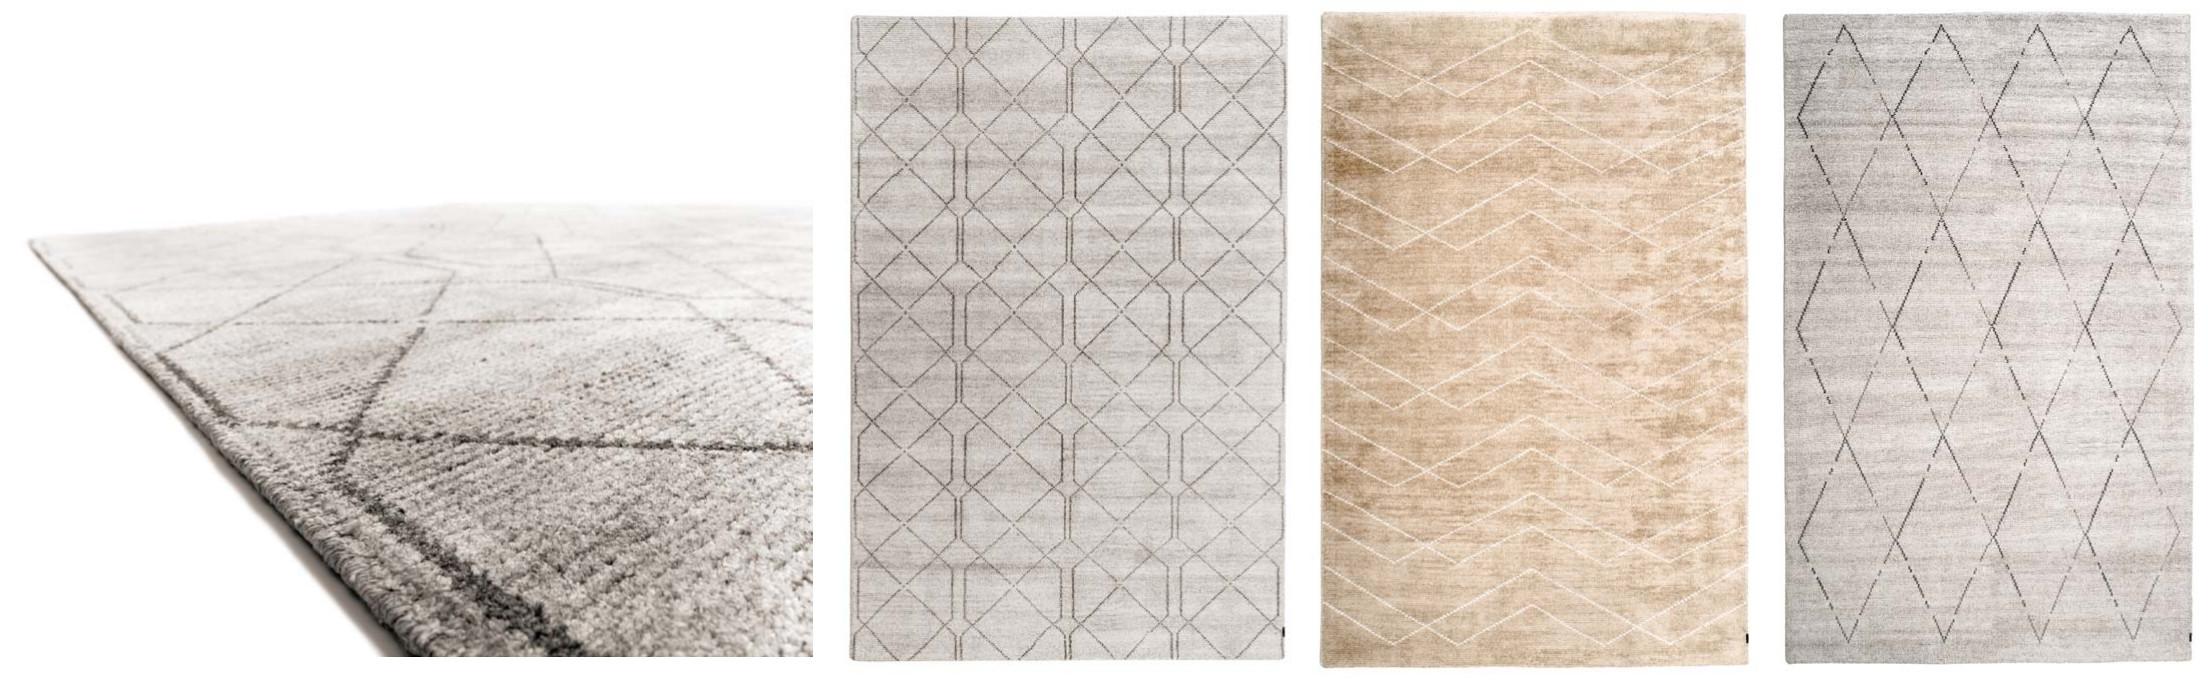 Teppichdesigns Minimal Maroque